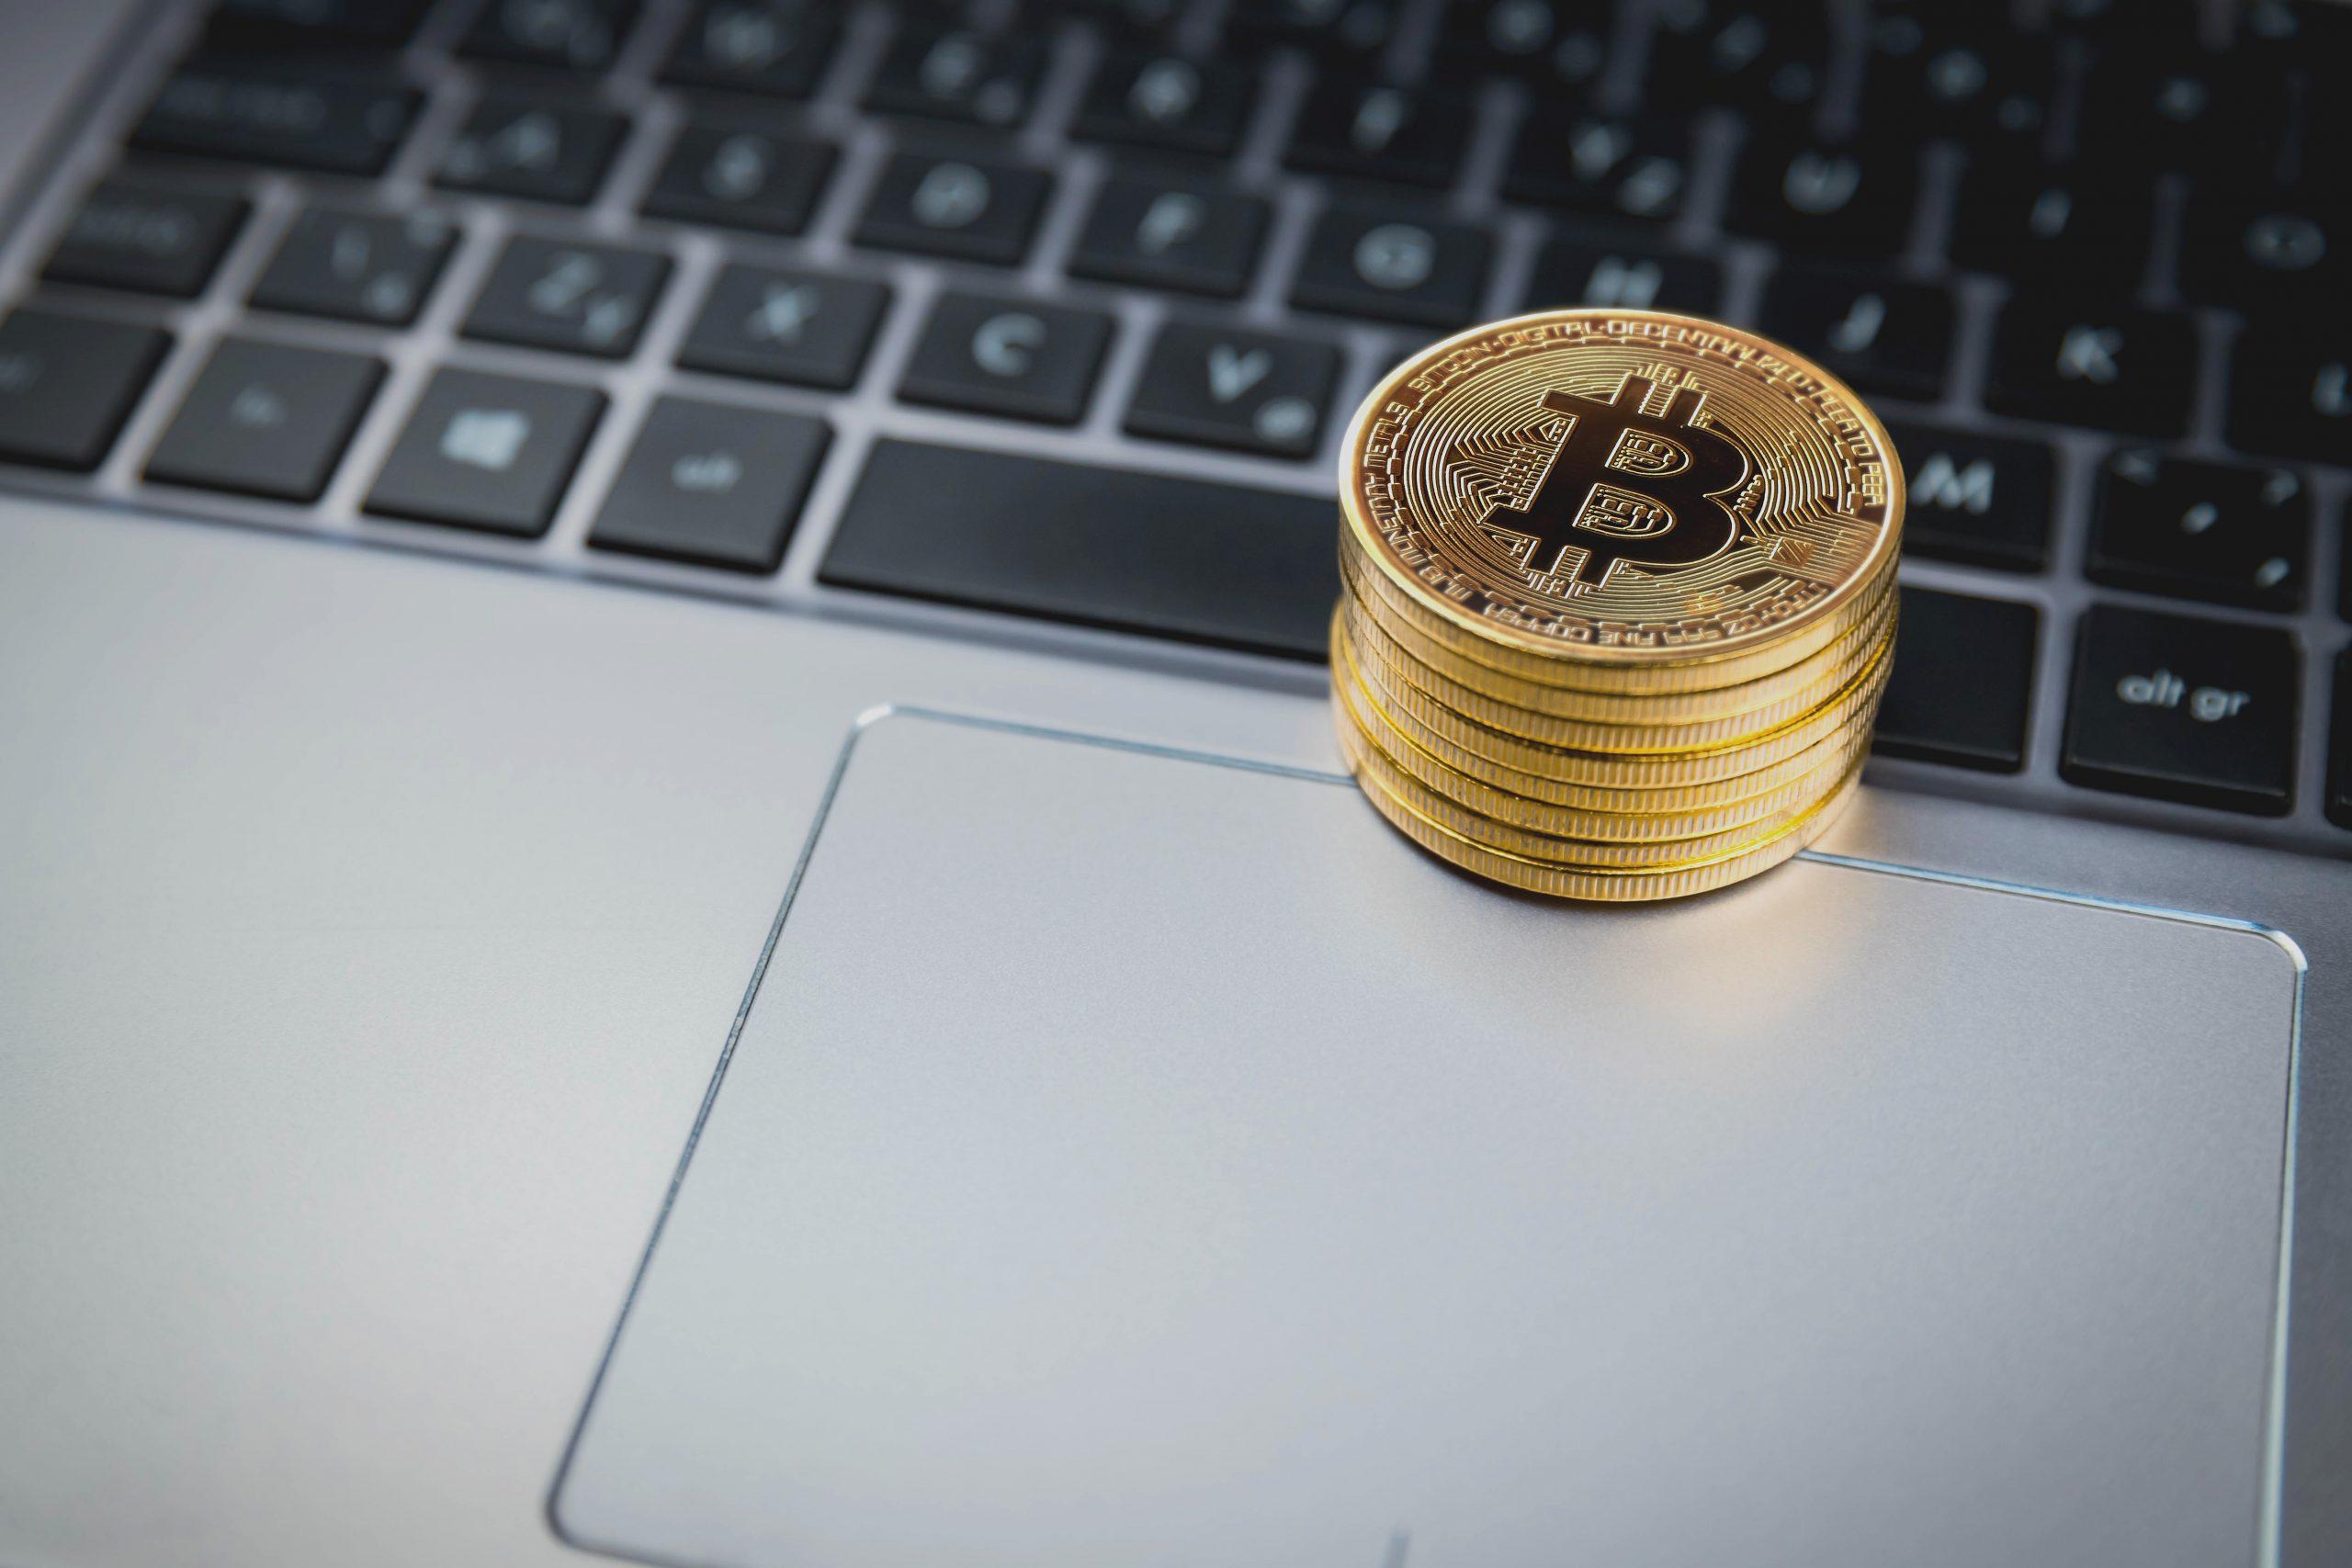 Cara termudah untuk membeli Bitcoin dengan kartu kredit / debit sejauh ini